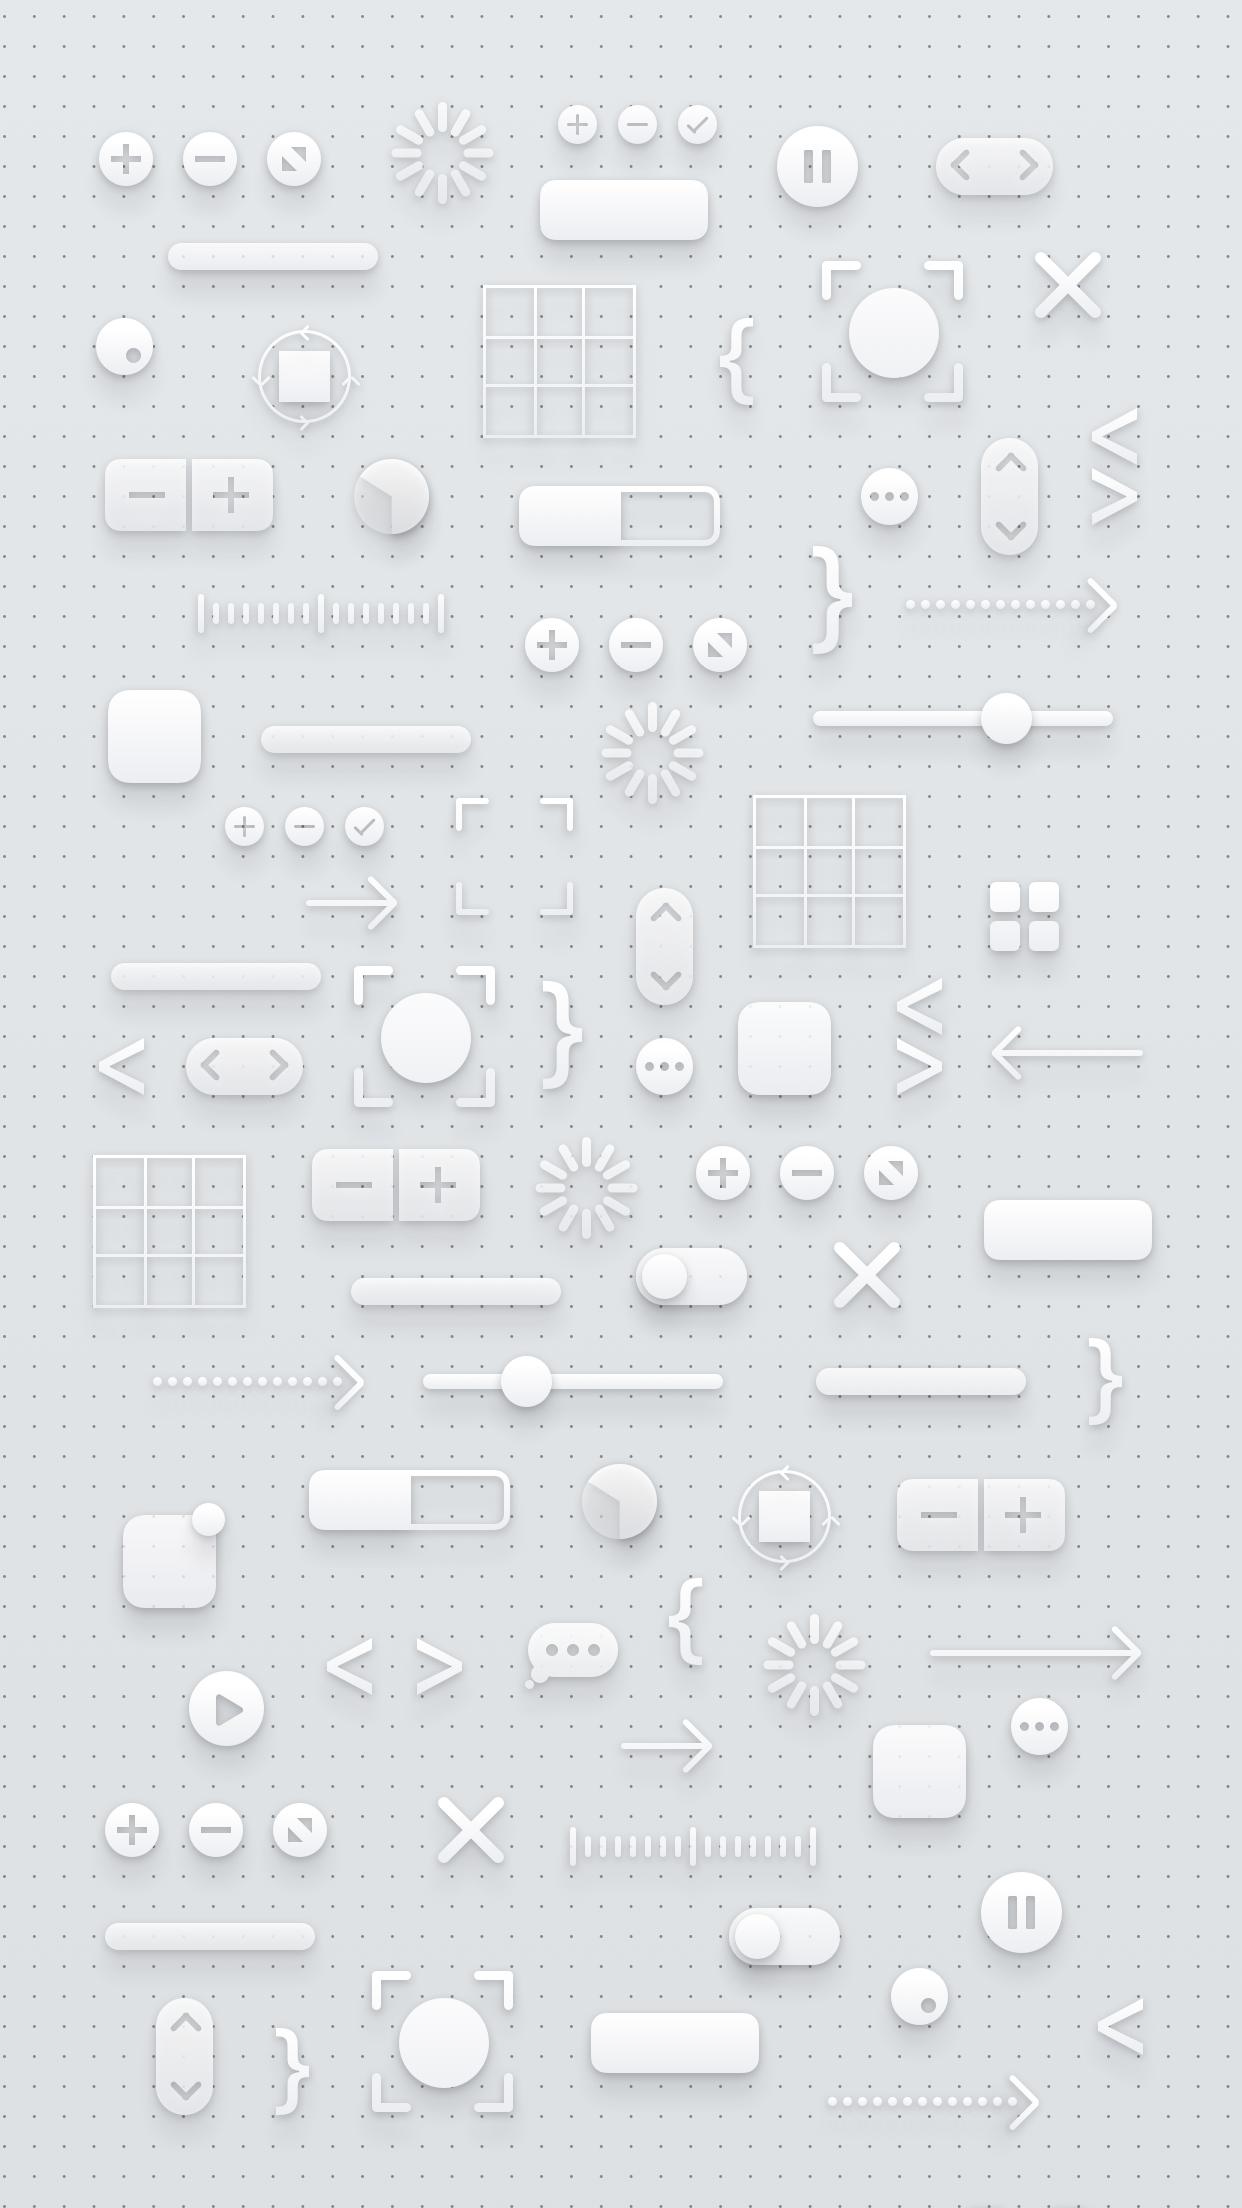 5.5インチ(iPhone 6s Plus/7 Plus/8 Plusなど)